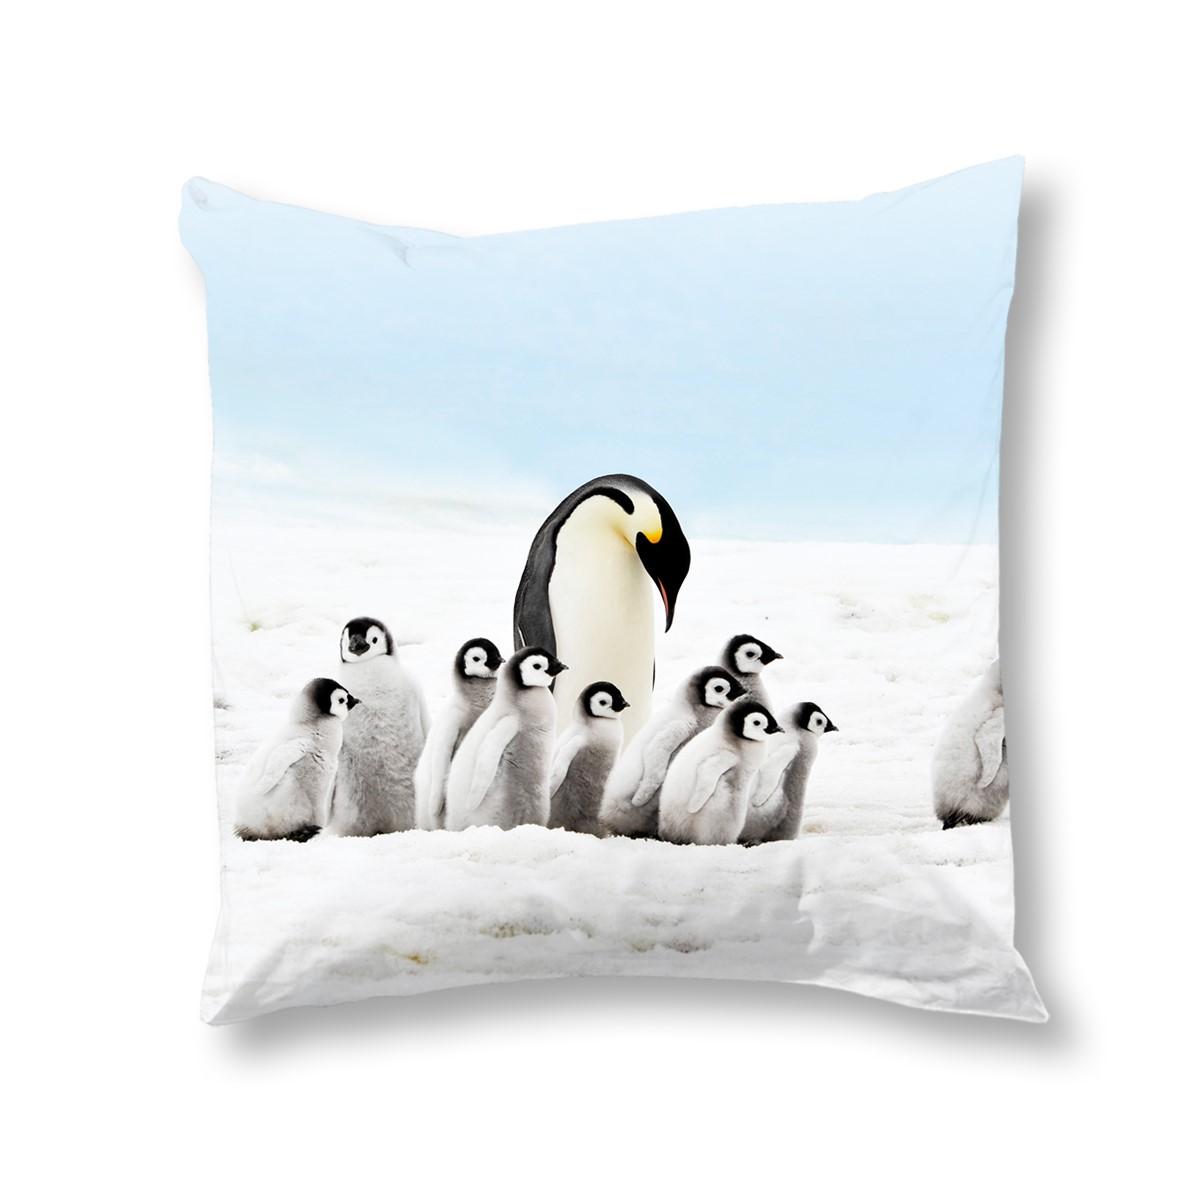 Goodmorning Kussenhoes Pinguins 50x50 cm